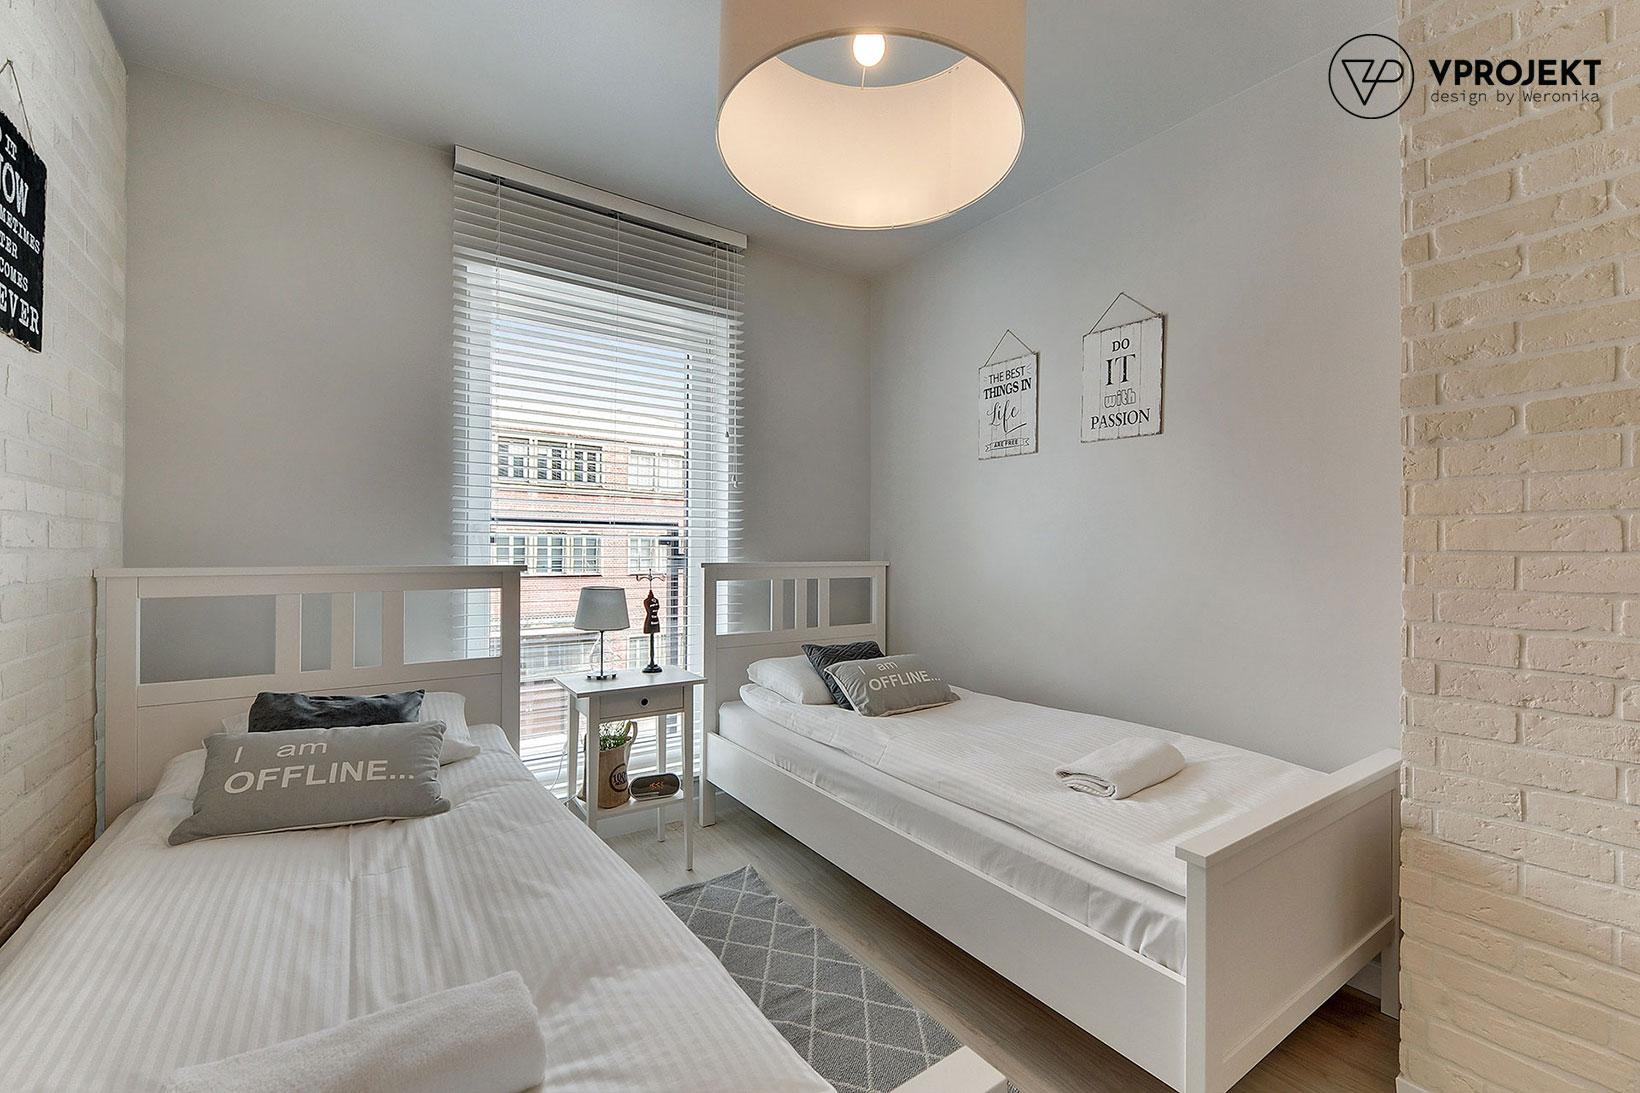 Sypialnia, mieszkanie do wynajęcia w Gdańsku